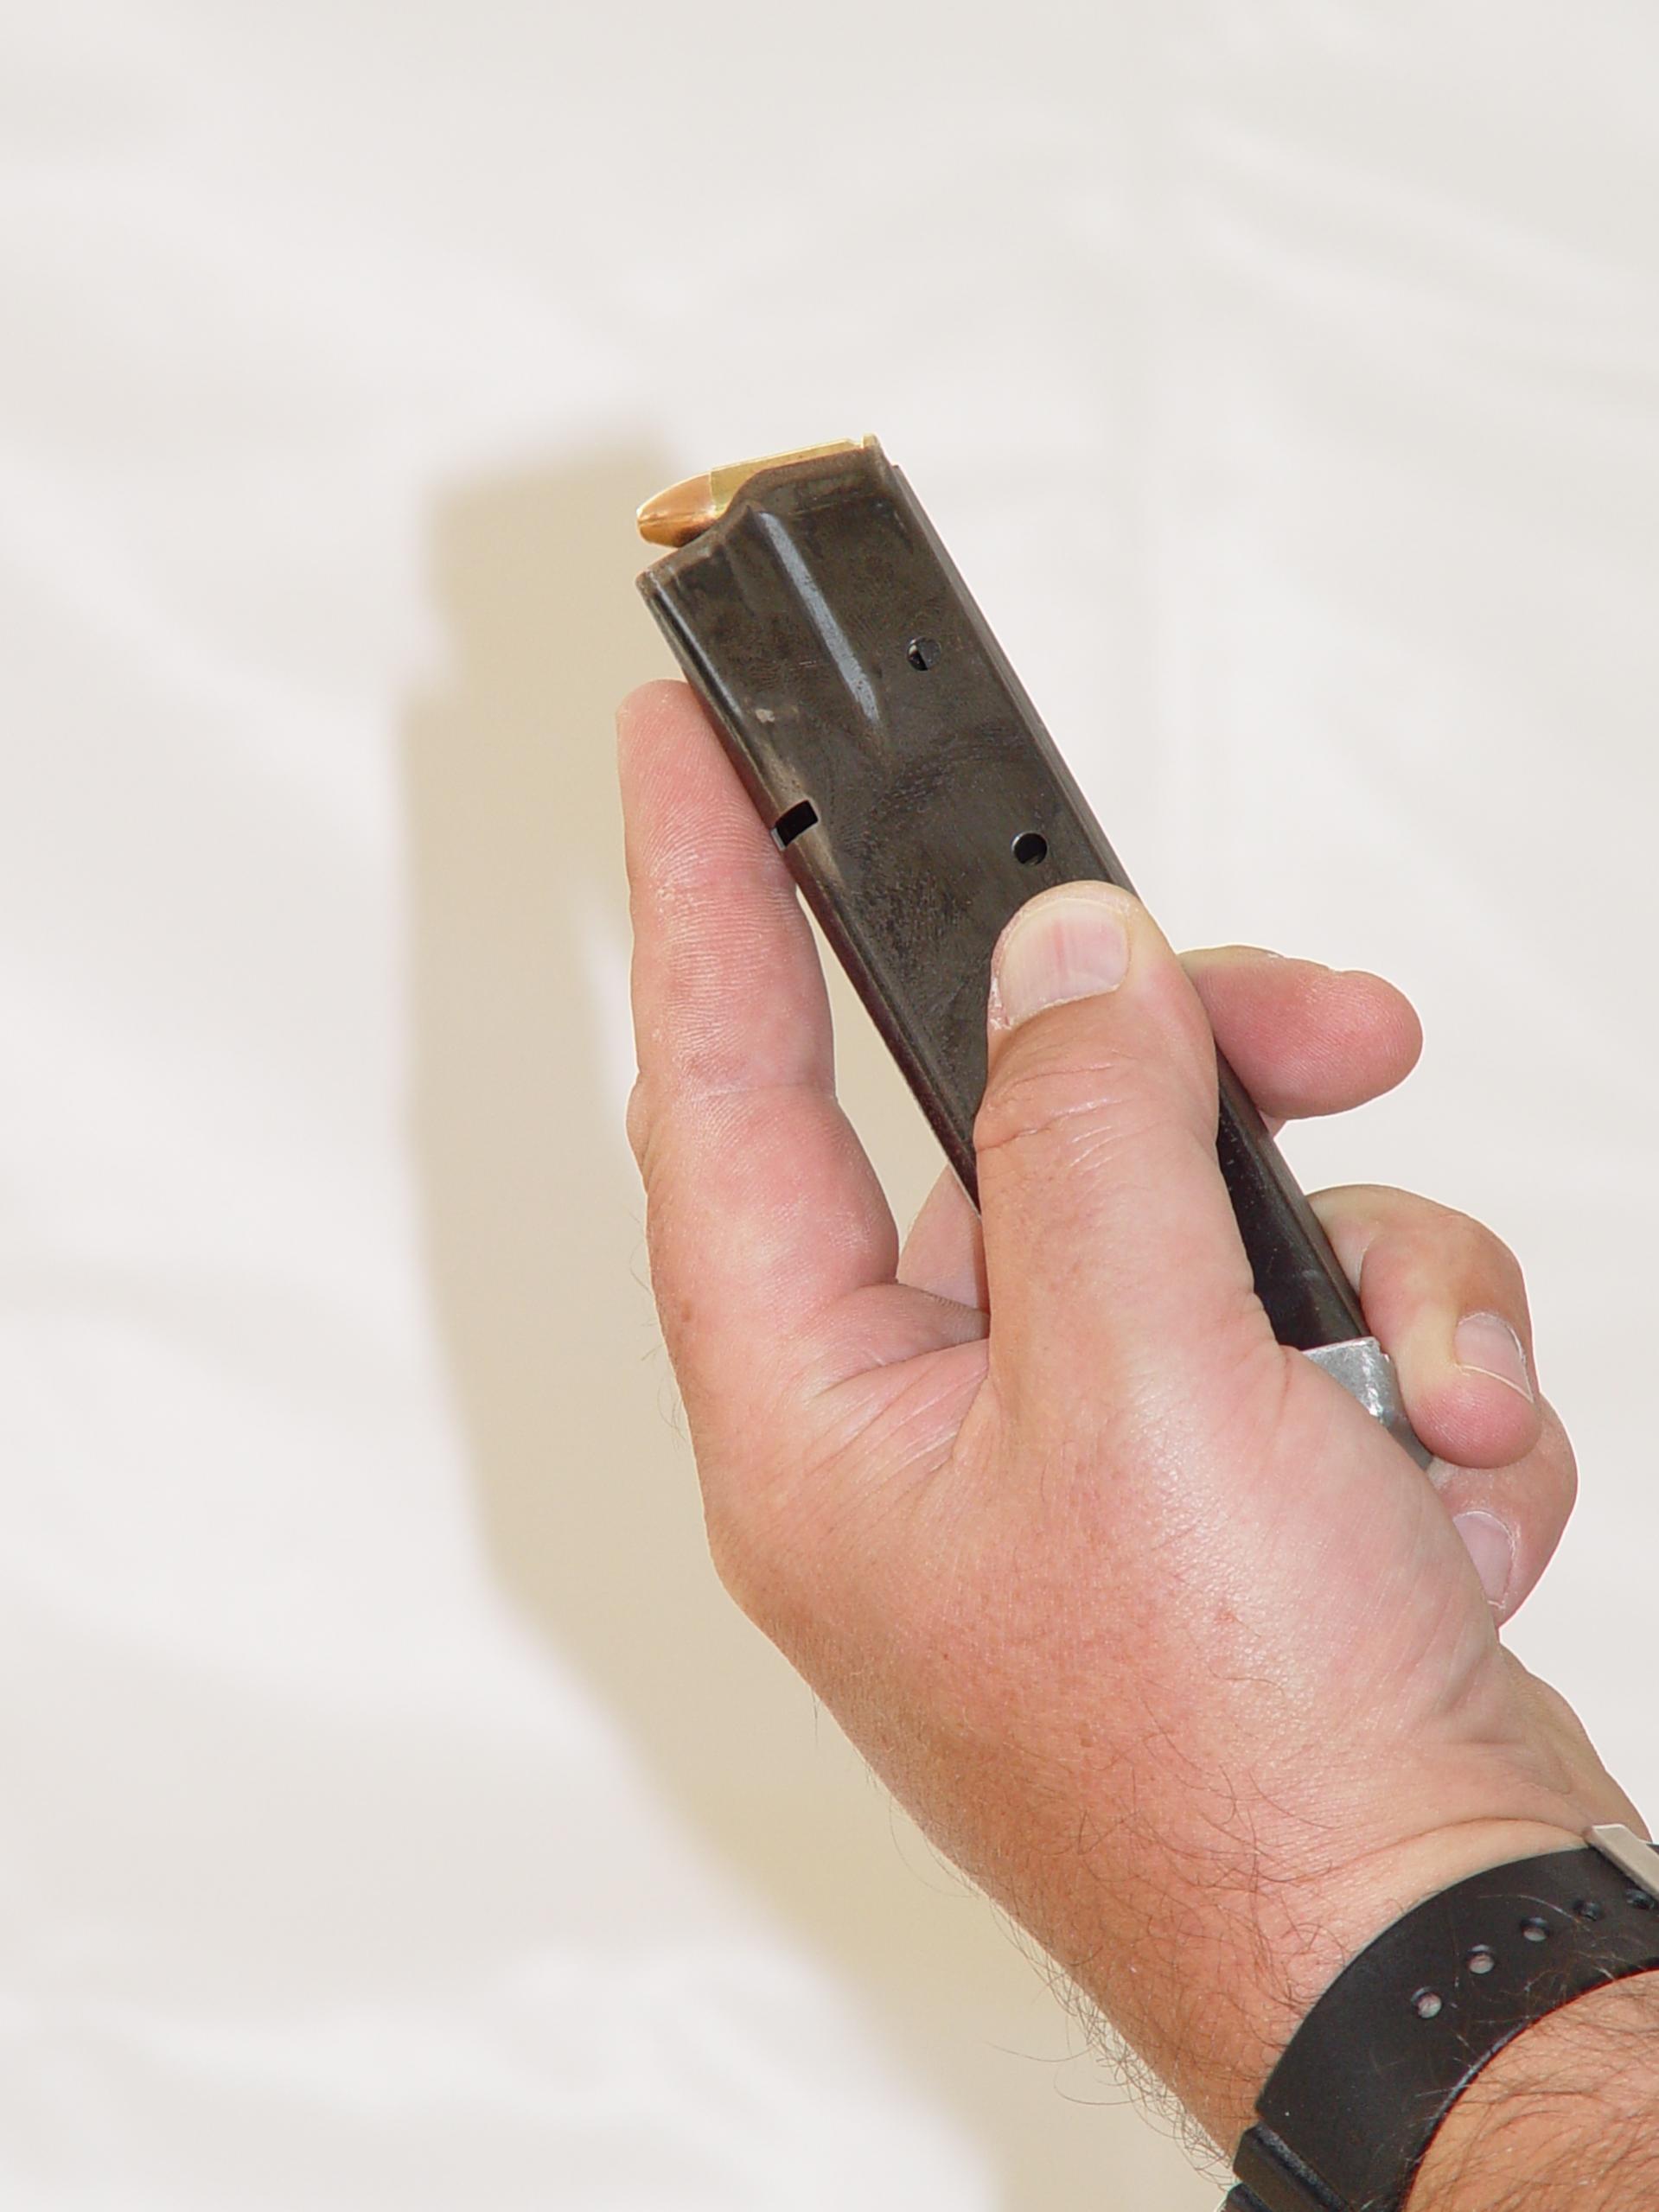 Magazine Carry Position: Bullets Forward or Rearward?-book-photoss-1-162.jpg